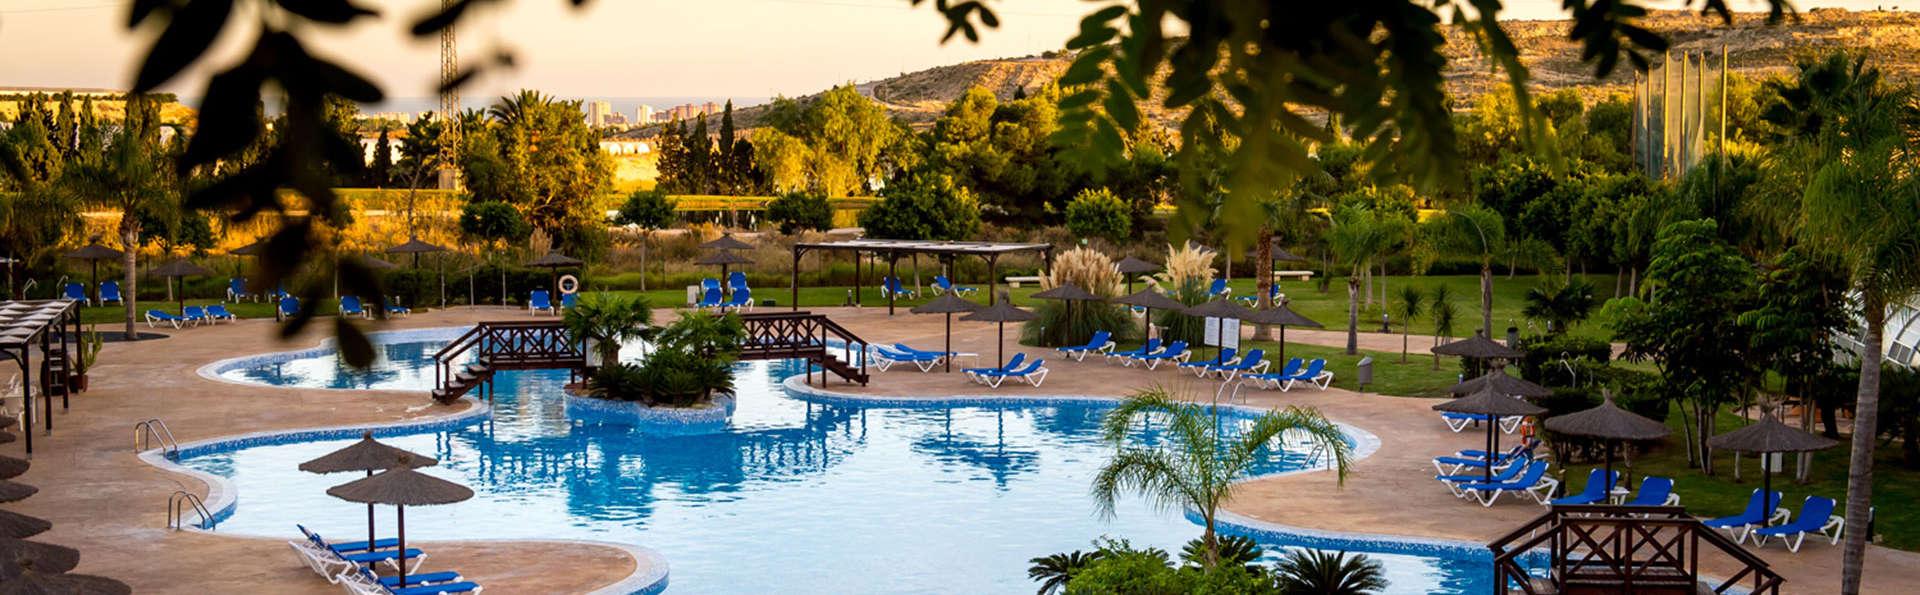 Noche de relax 4* con acceso al night spa en Costa Blanca